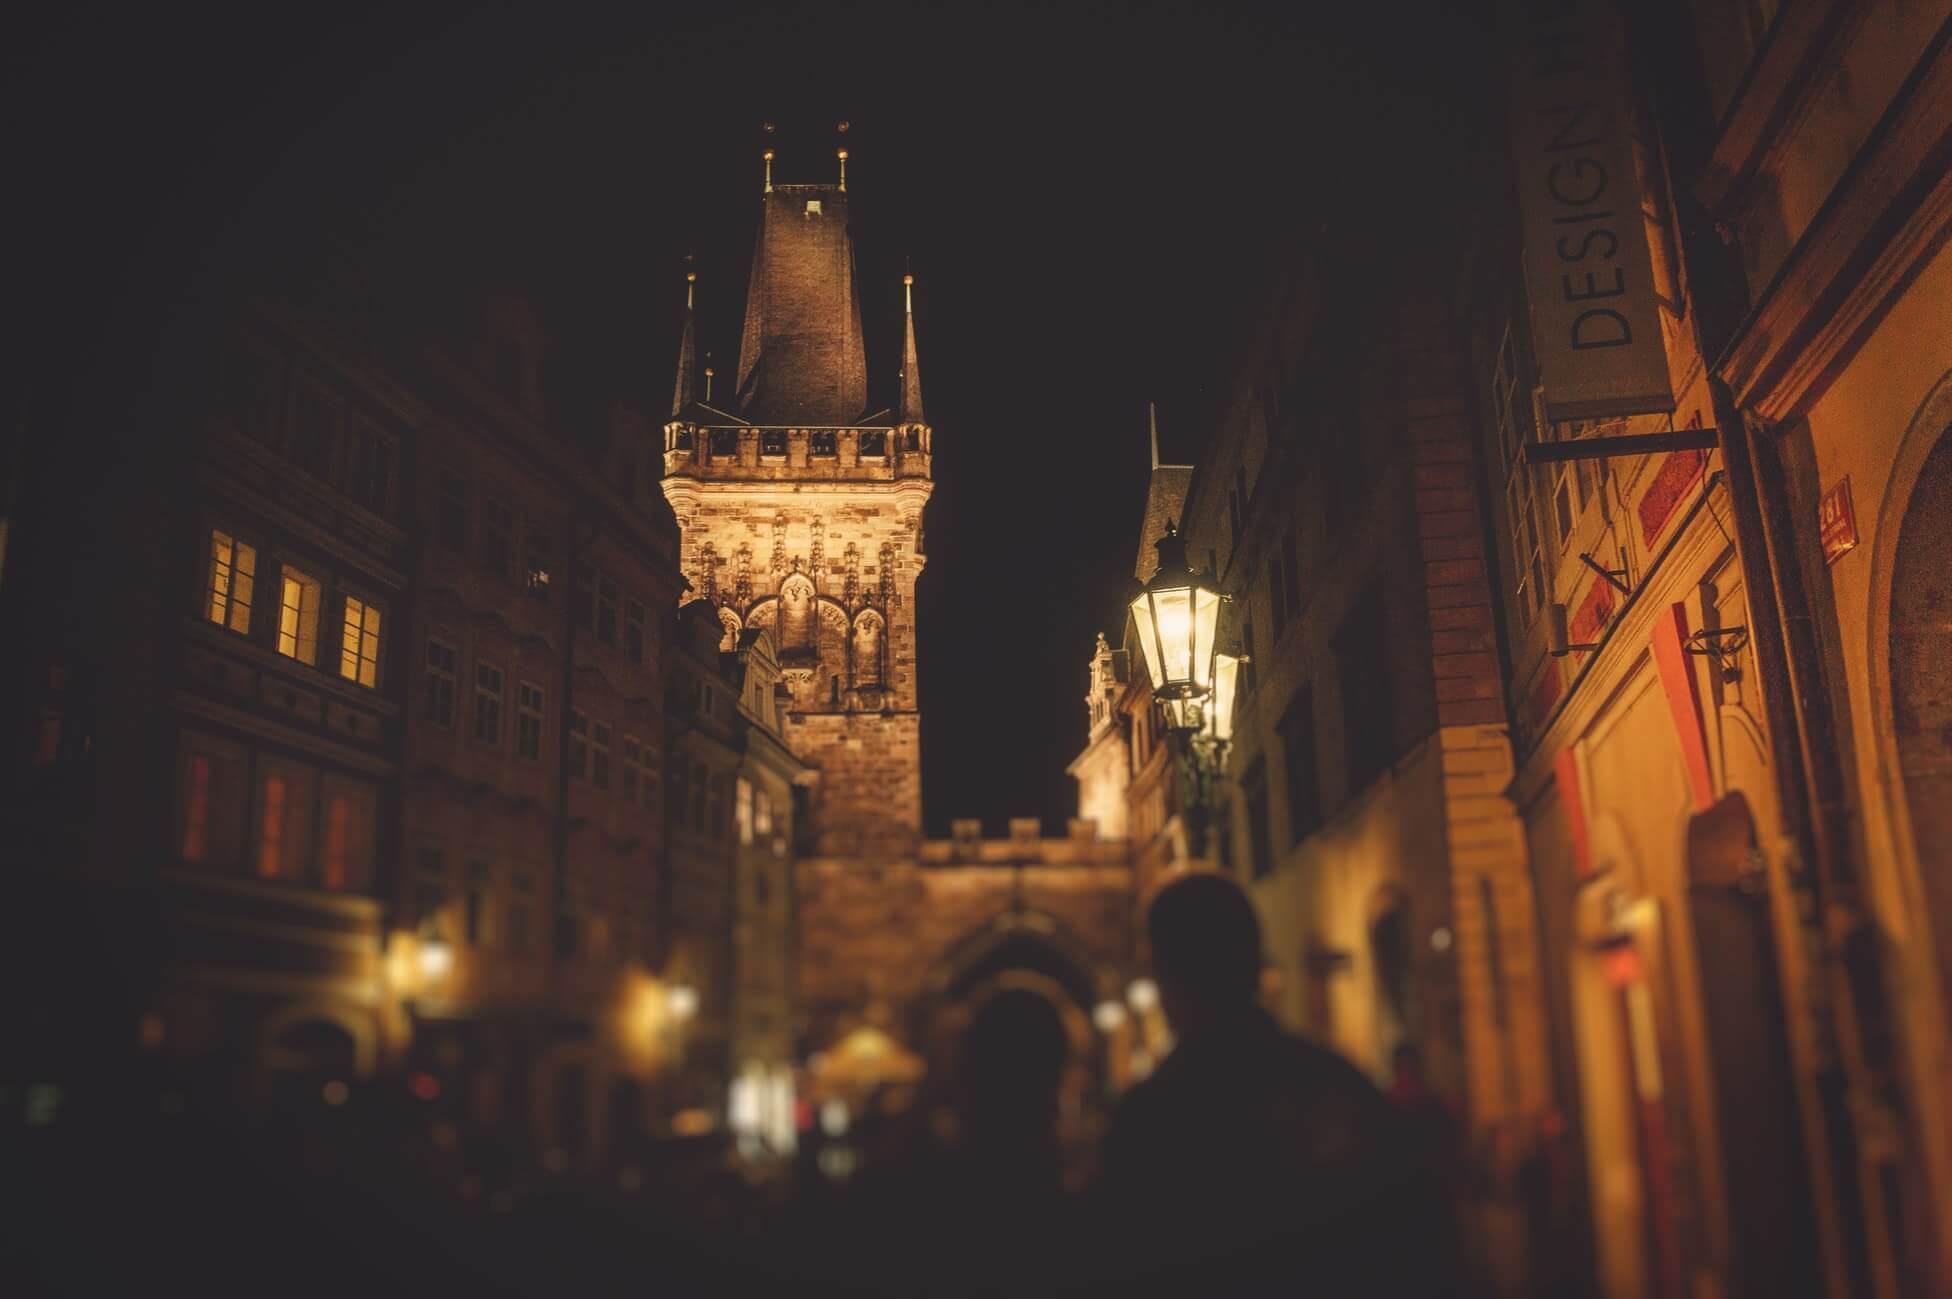 Поясним за новости: сколько стоит билет из Перми в Прагу